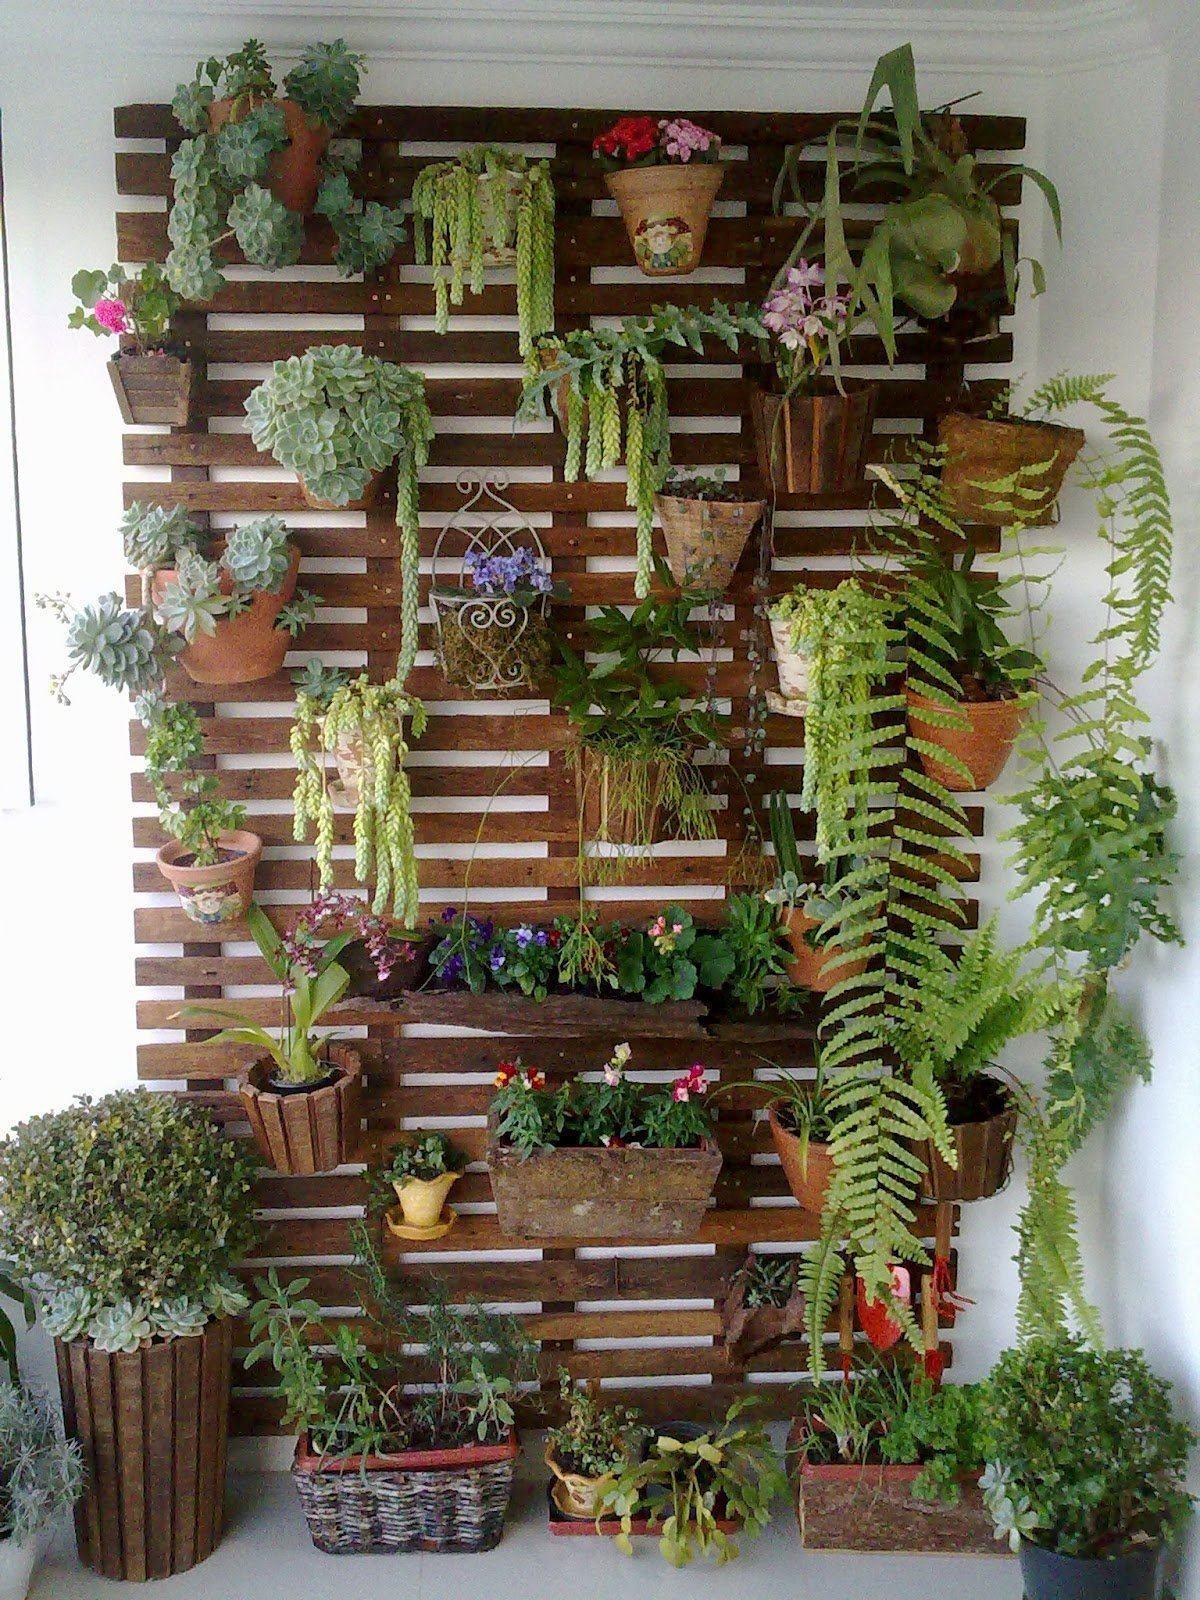 jardim deck de madeira:modelos de deck de madeira para jardim vertical